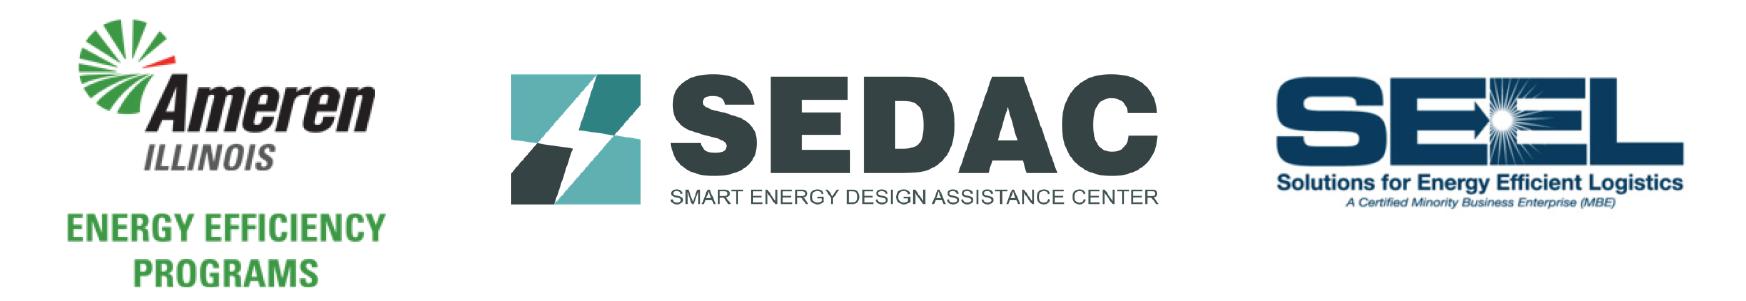 Ameren Illinois Energy Efficiency Programs, SEDAC, and SEEL